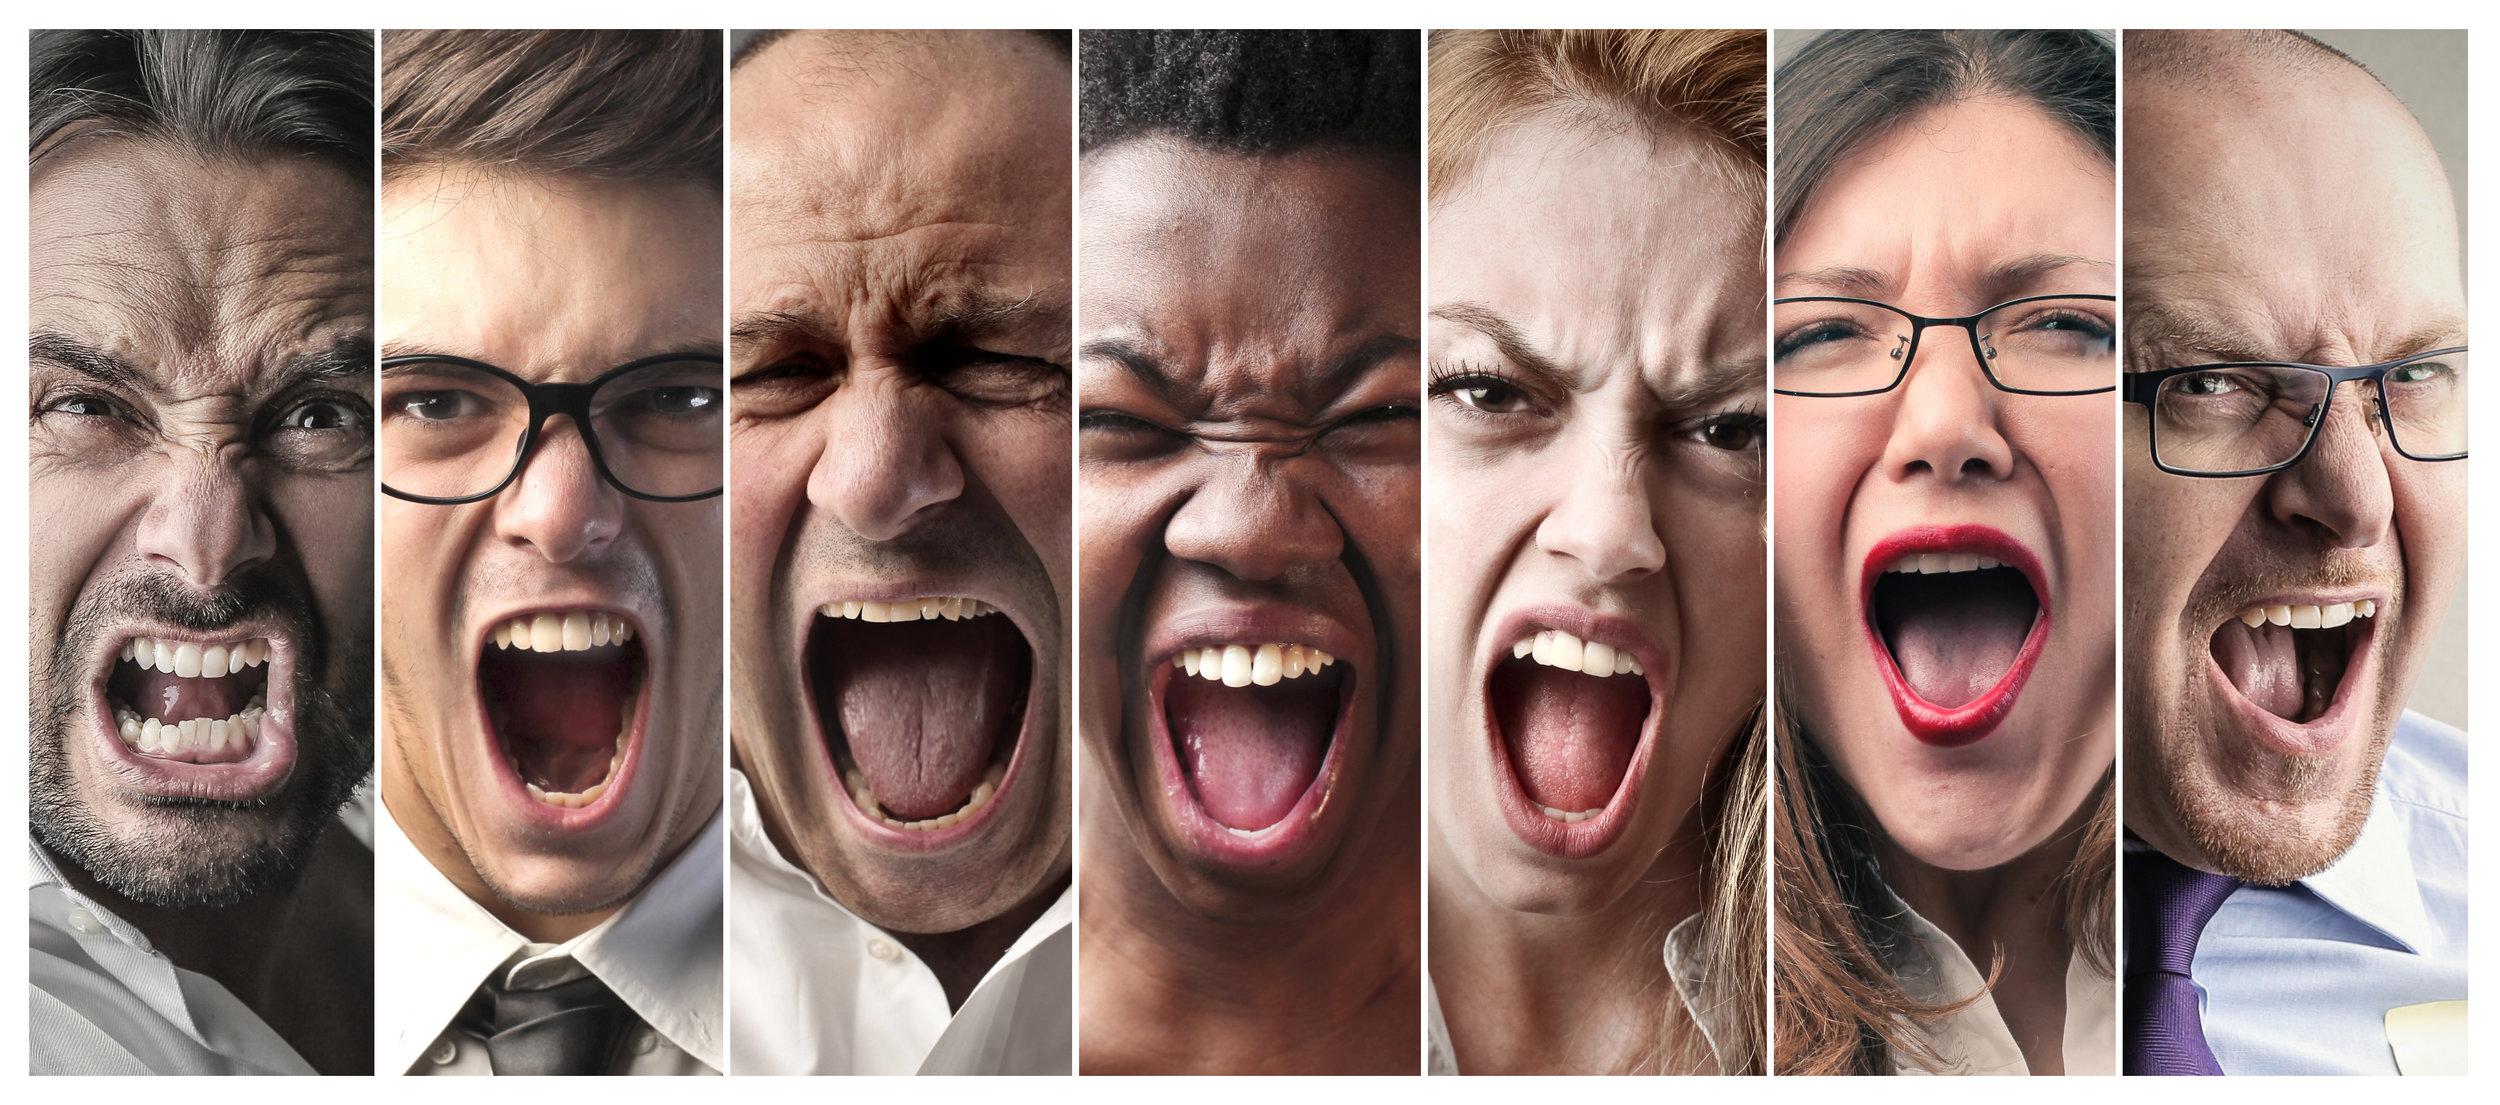 bigstock-Angry-people-screaming-95382146.jpg